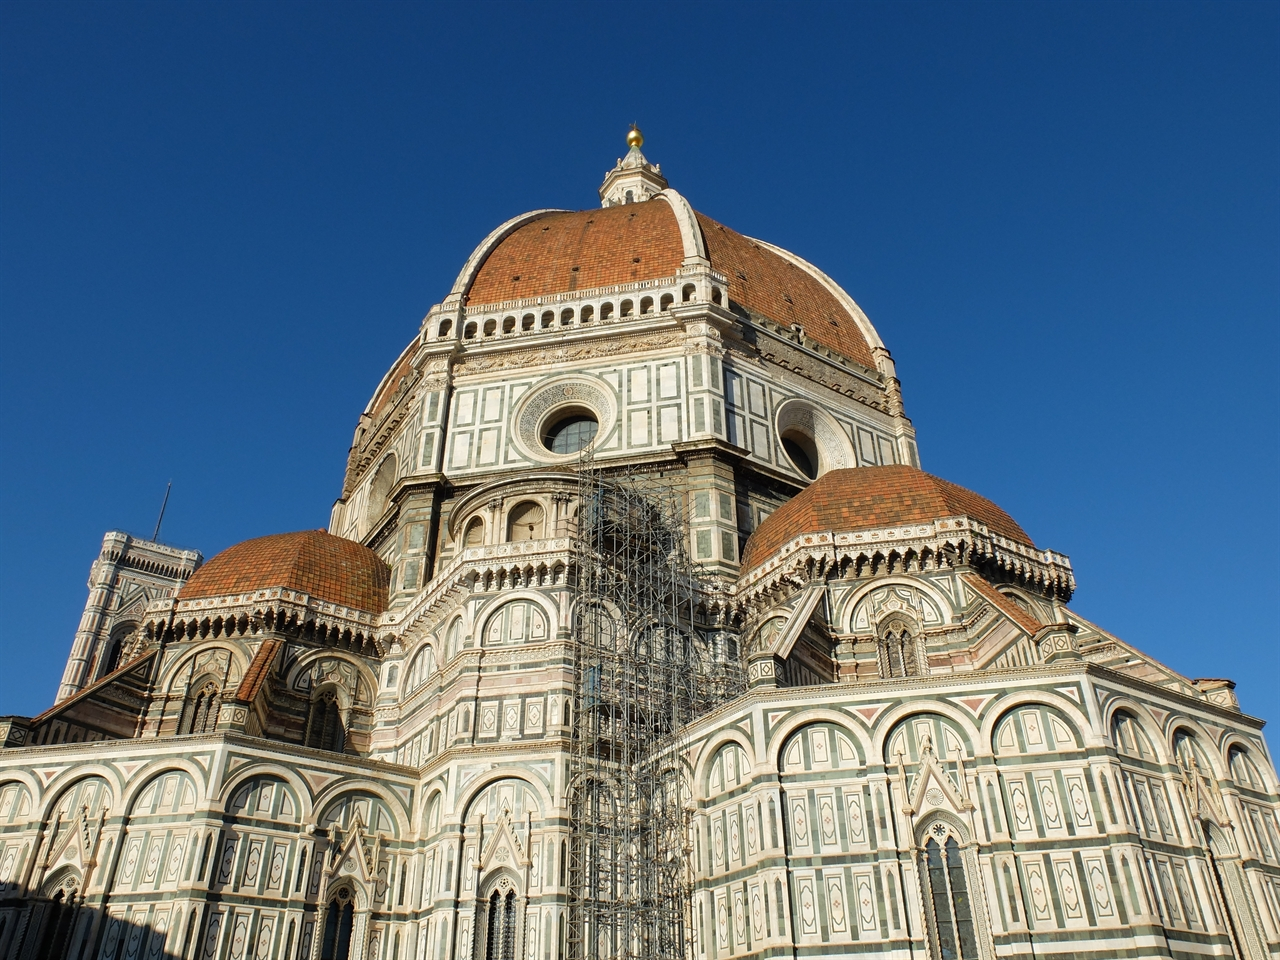 쿠폴라 피렌체의 두오모(대성당), '산타 마리아 델 피오레 성당'의 쿠폴라. 브루넬레스키가 건축한 르네상스의 위대한 상징물입니다.